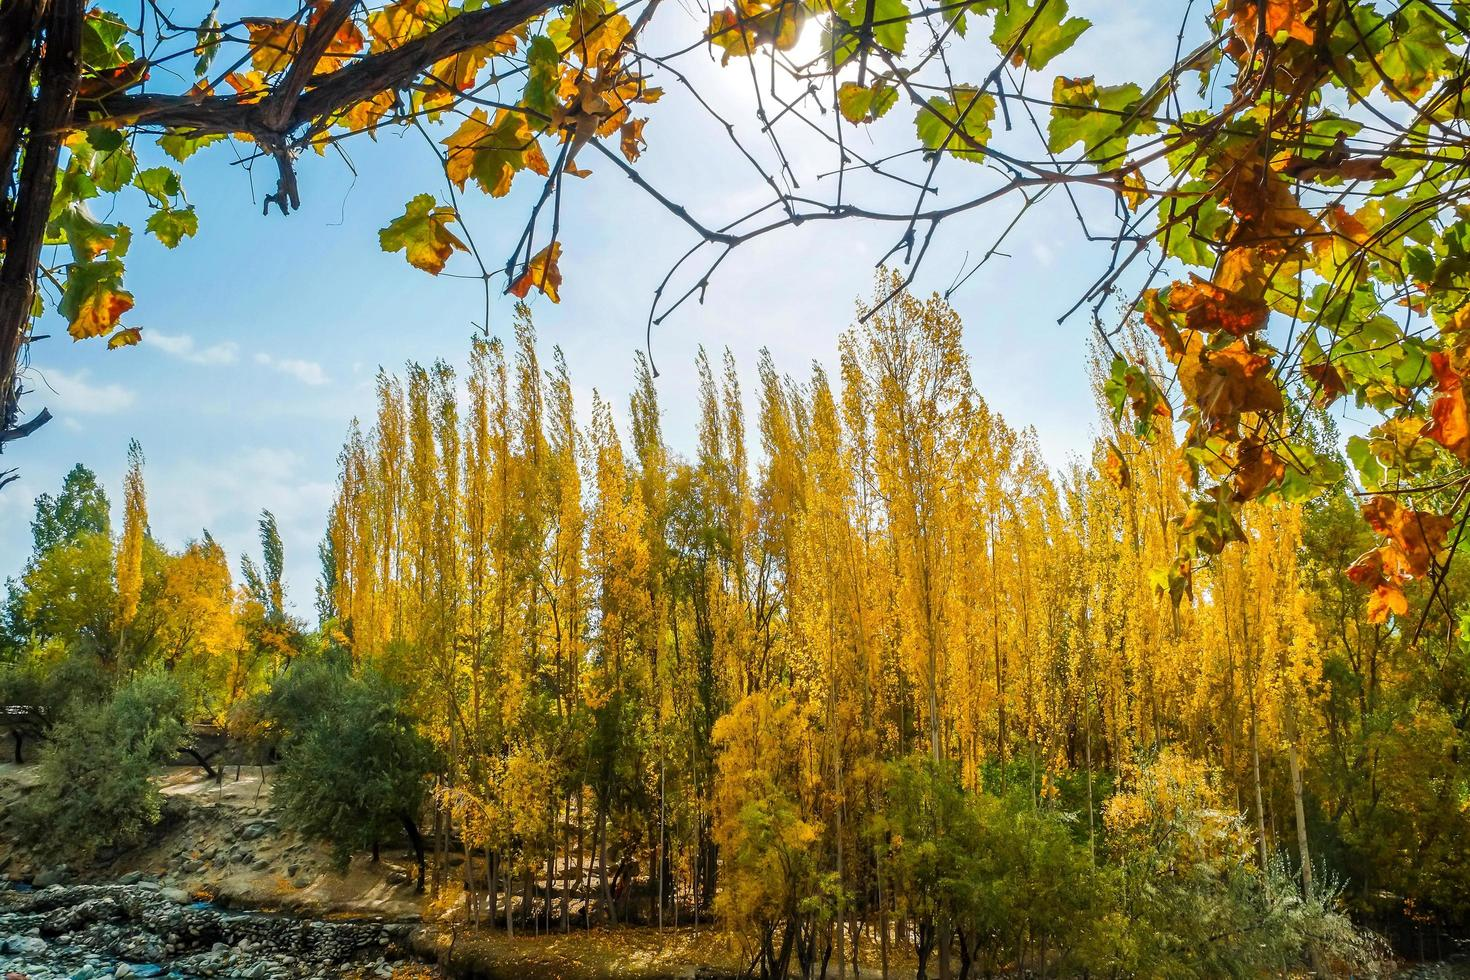 Vue paysage de la forêt de shigar et feuillage en automne, au Pakistan photo